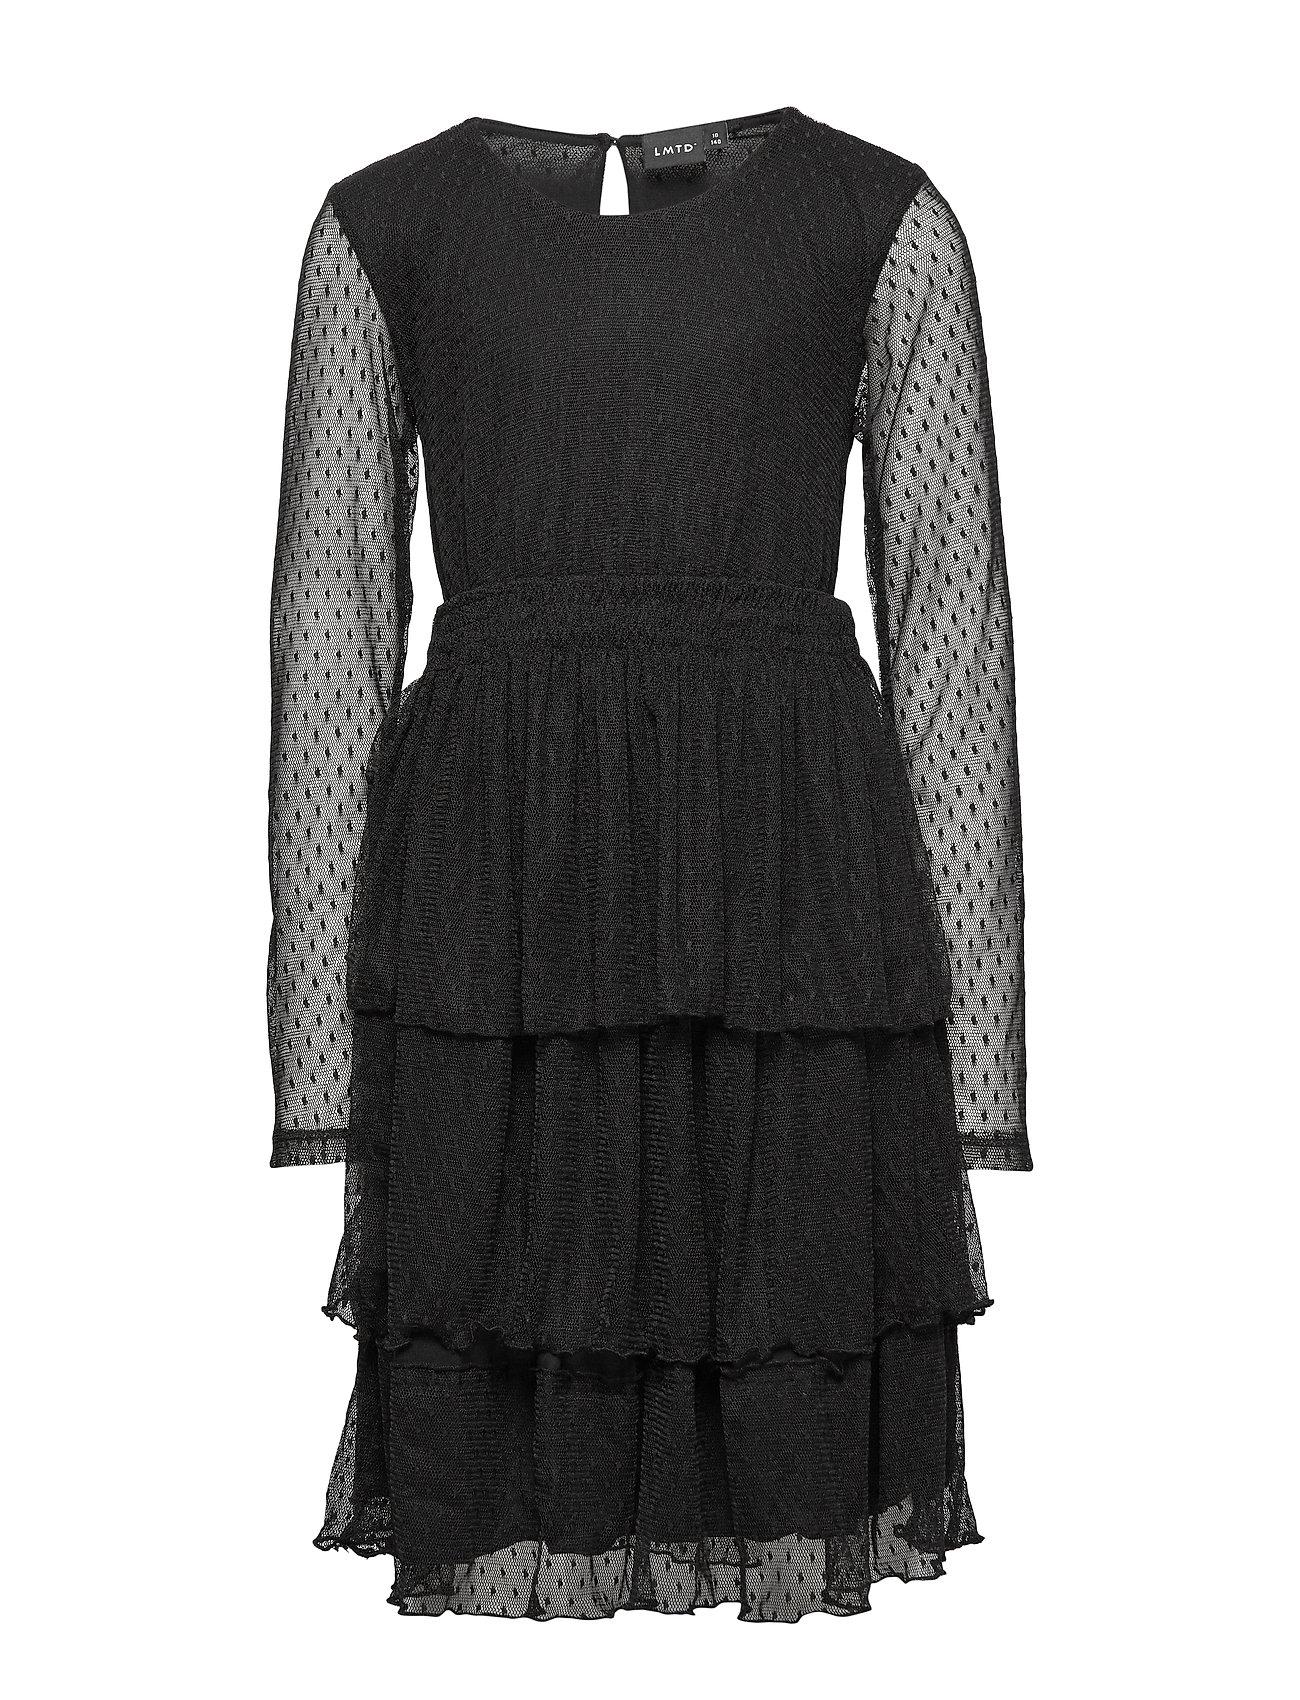 LMTD NLFSUE LS DRESS - BLACK